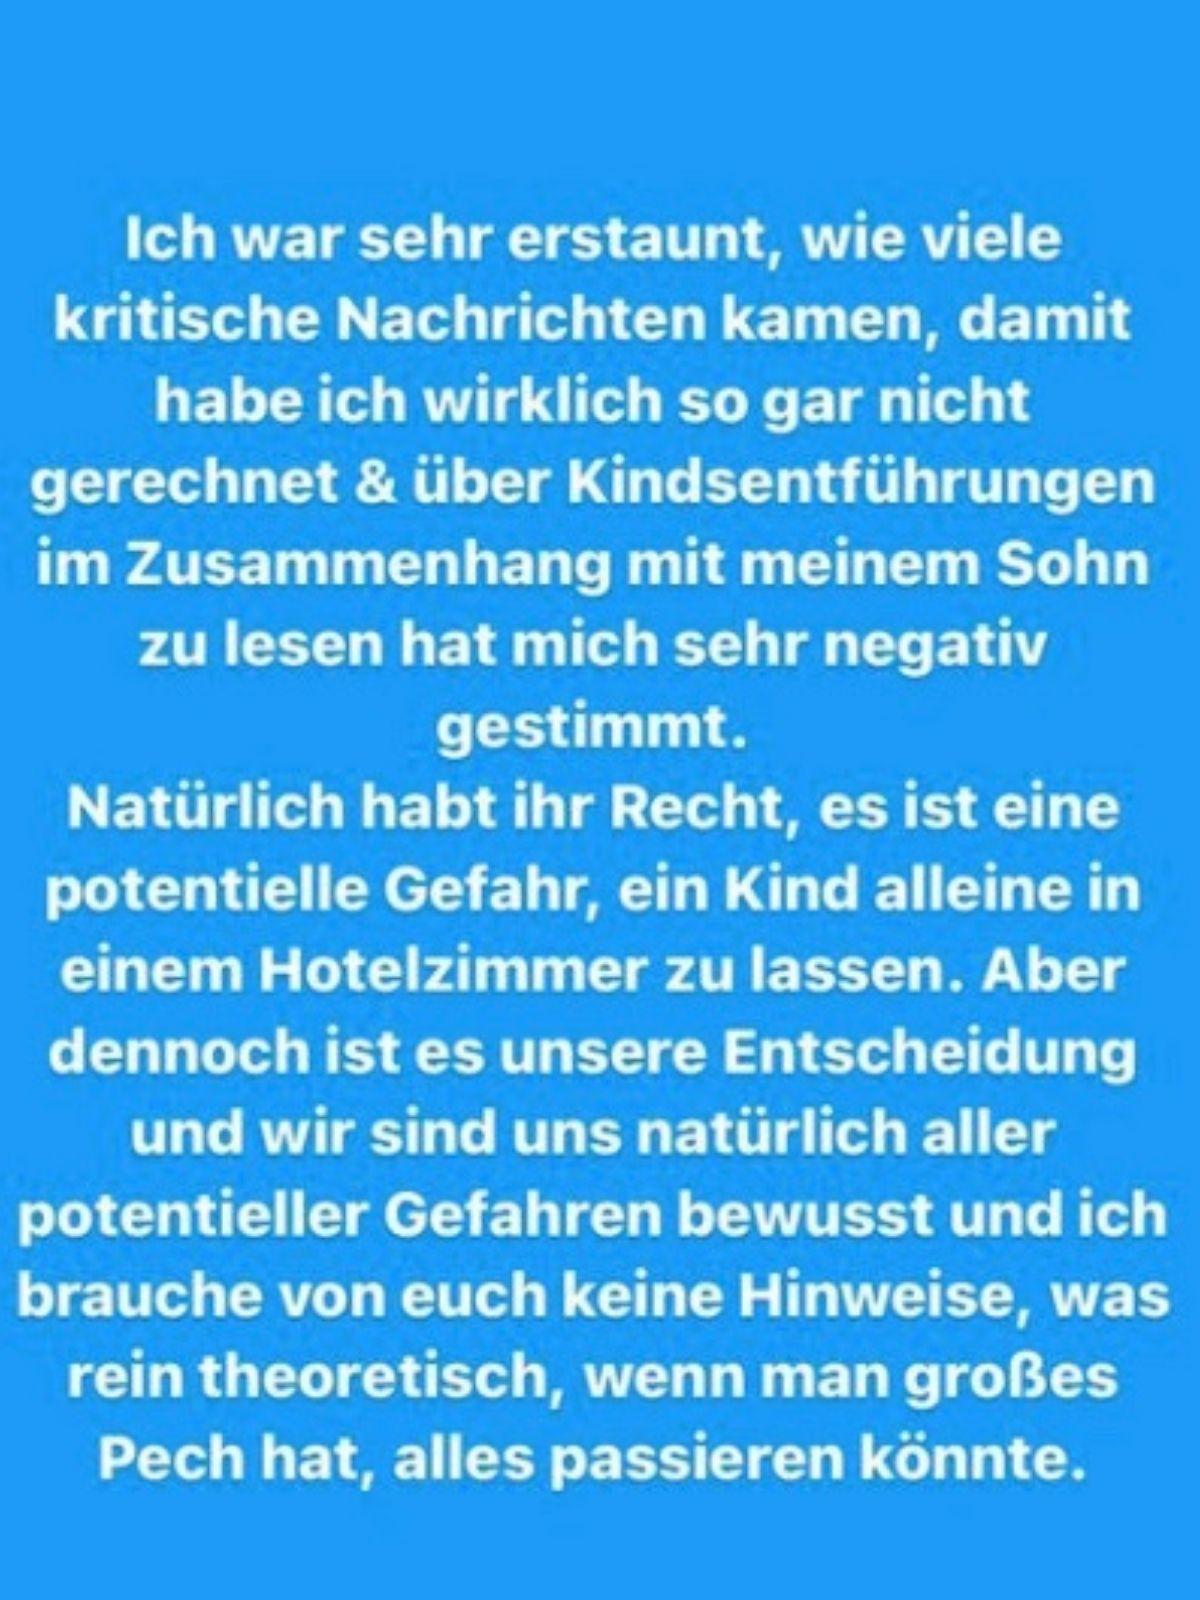 Marie Nasemann: Shitstorm weil sie kleinen Sohn allein im Hotelzimmer ließ